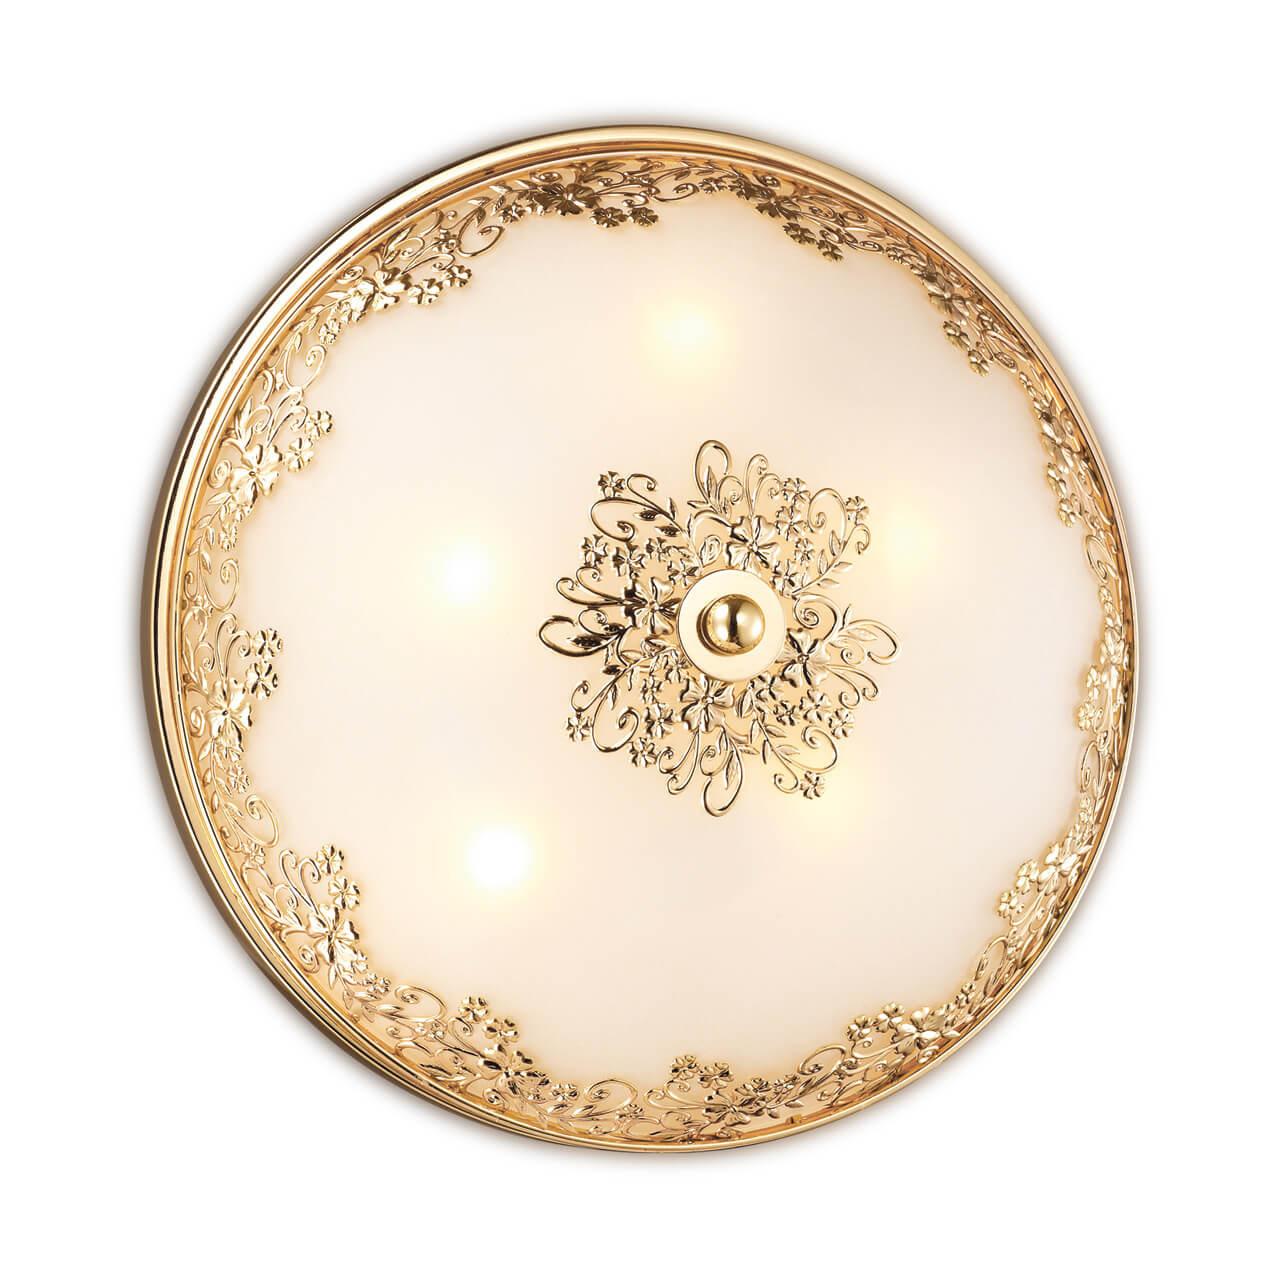 Потолочный светильник Odeon Light Alesia 2676/5C светильник настенно потолочный odeon light 2677 6c odl14 427 g9 6 40w 220v palmira золото белый